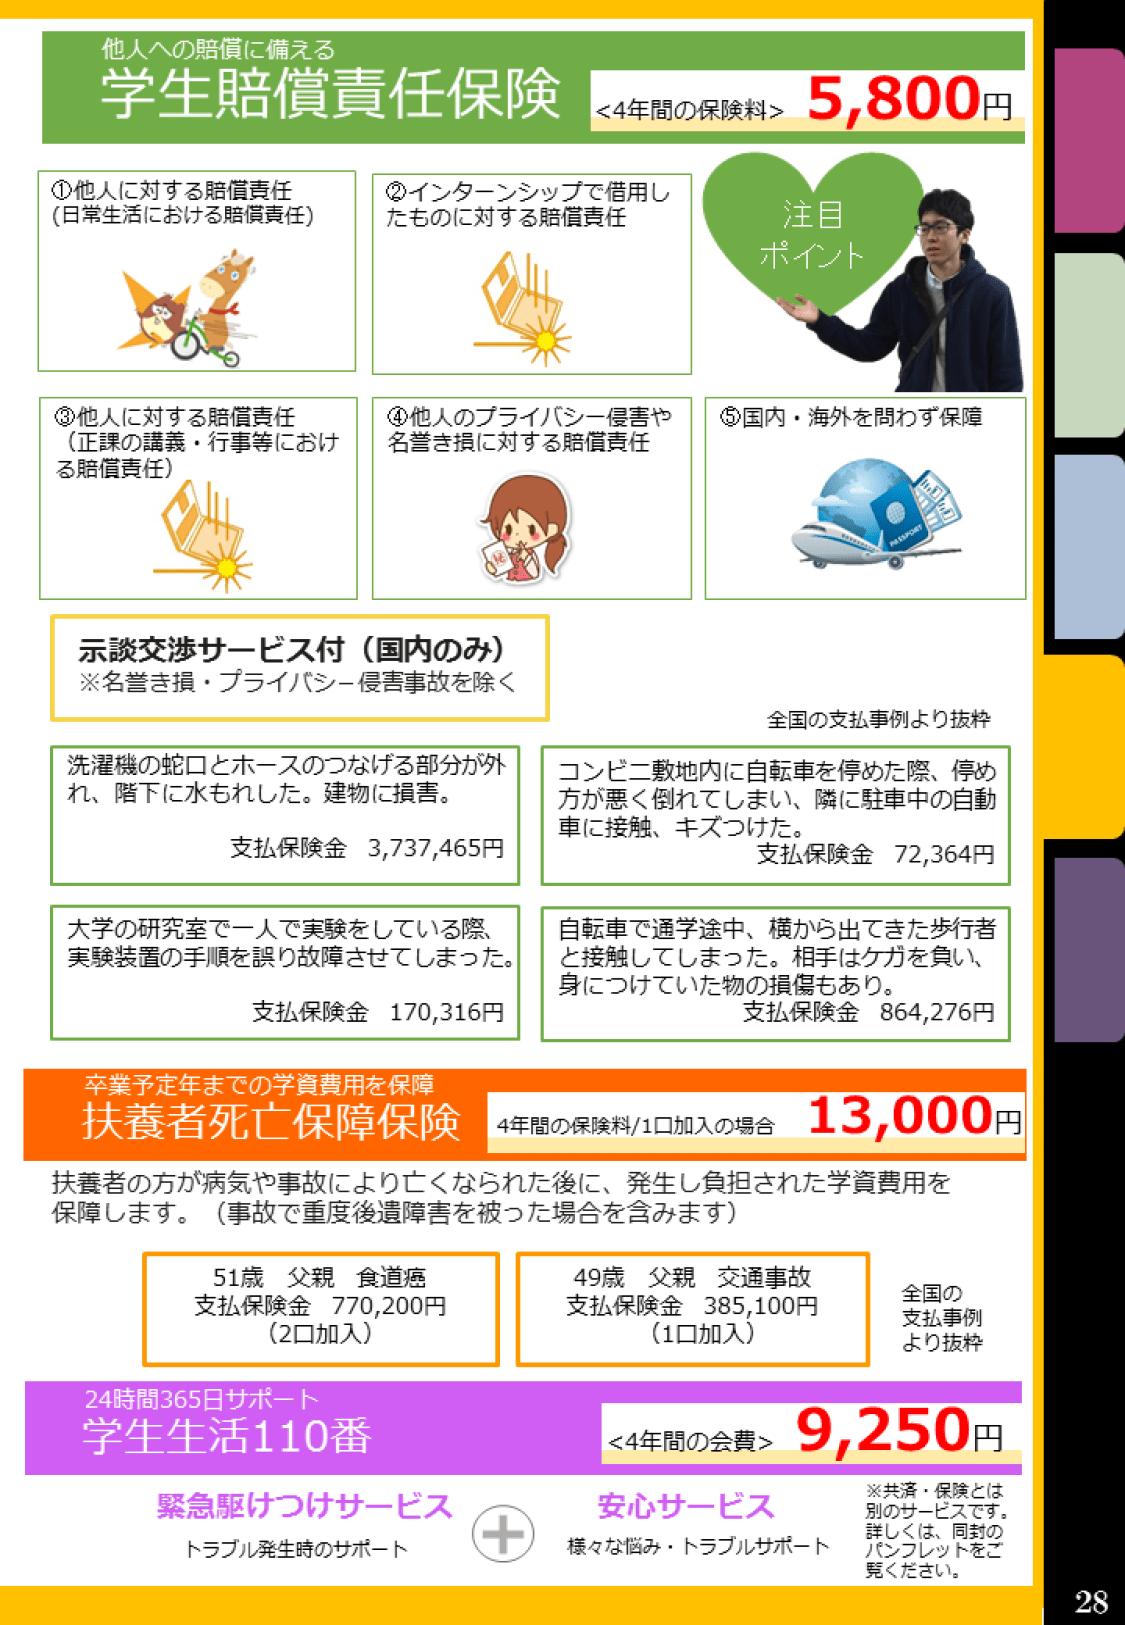 kyousai2016_4